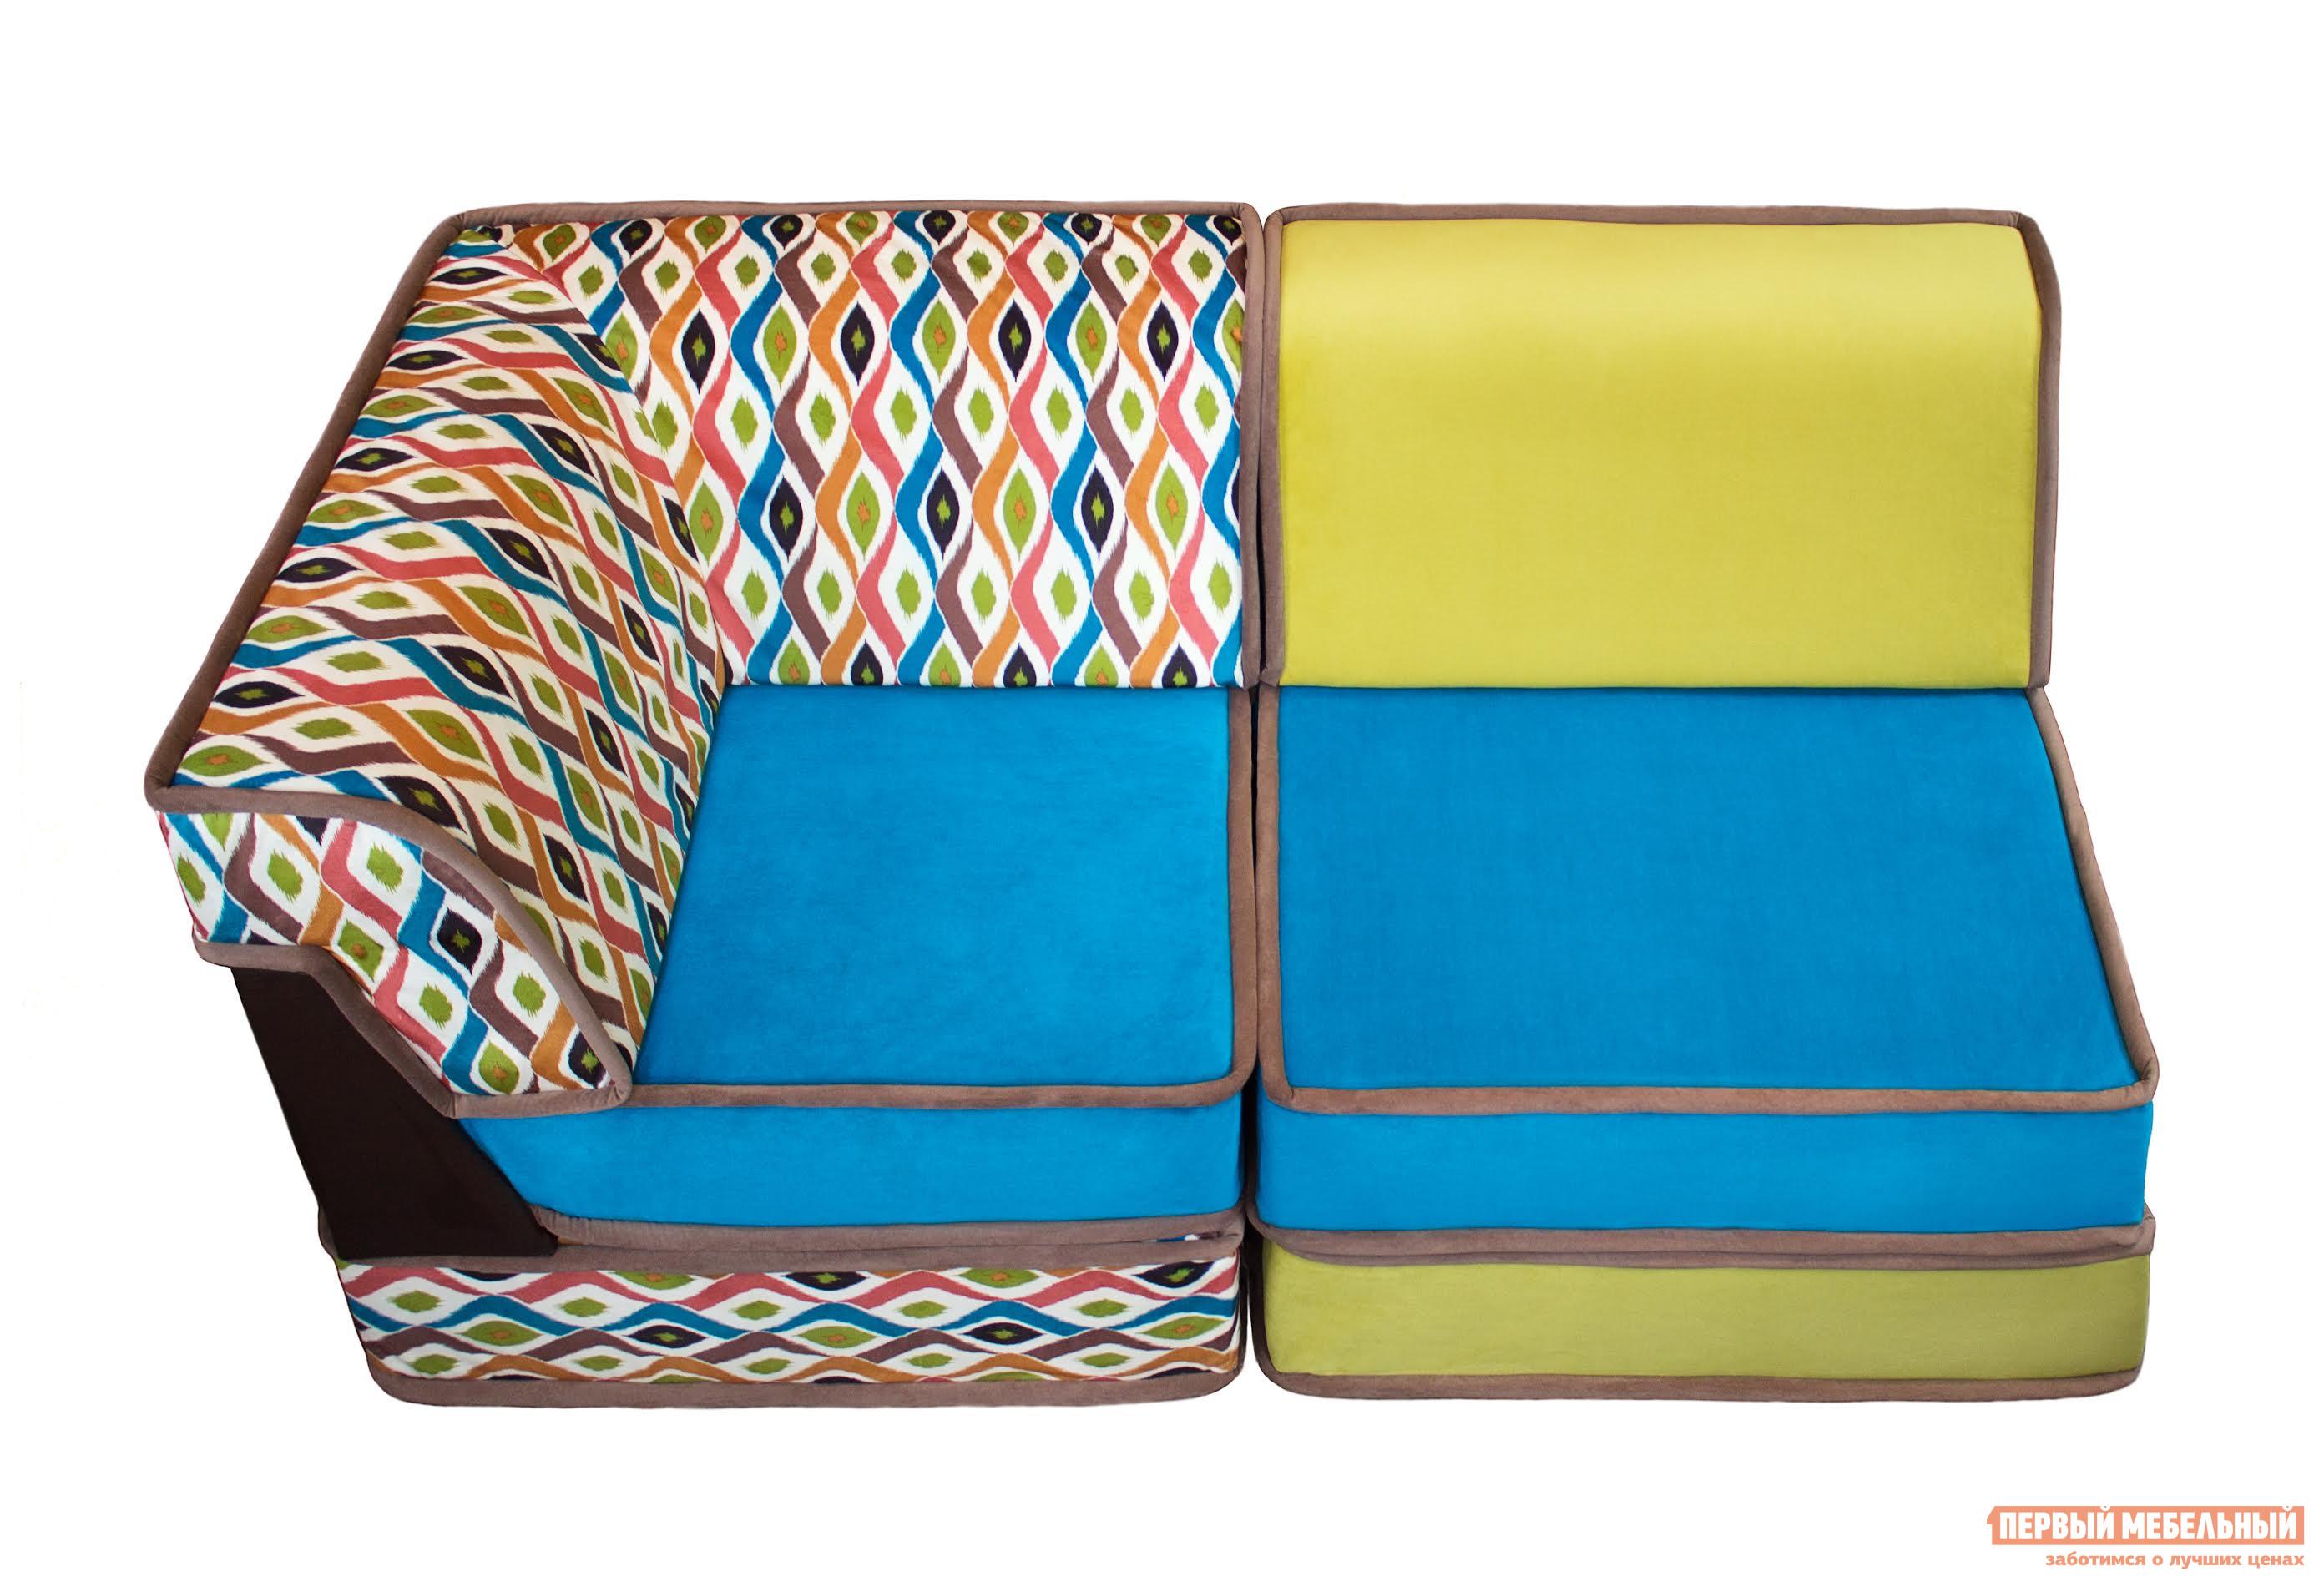 Угловой диван Mobilounge Угловая секция + прямая секция угловая секция премиум бук